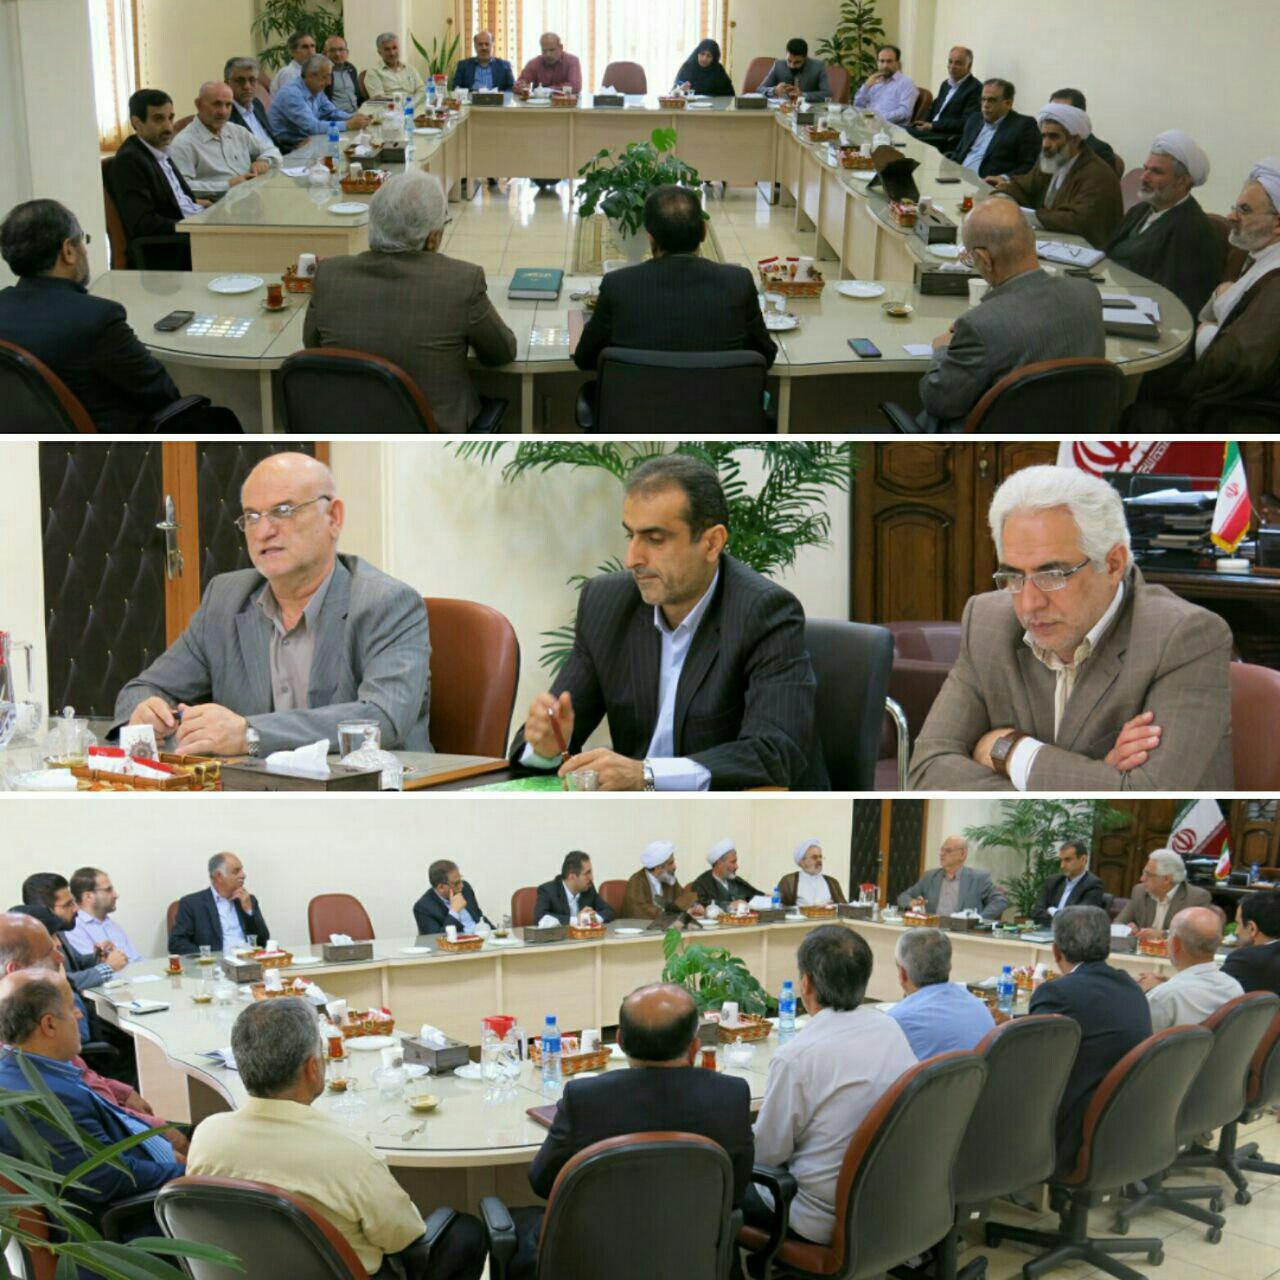 اهتمام هیات عالی نظارت استان بر حفظ آبروی نامزدها/کاندیداها باید در چارچوب قانون حرکت کنند